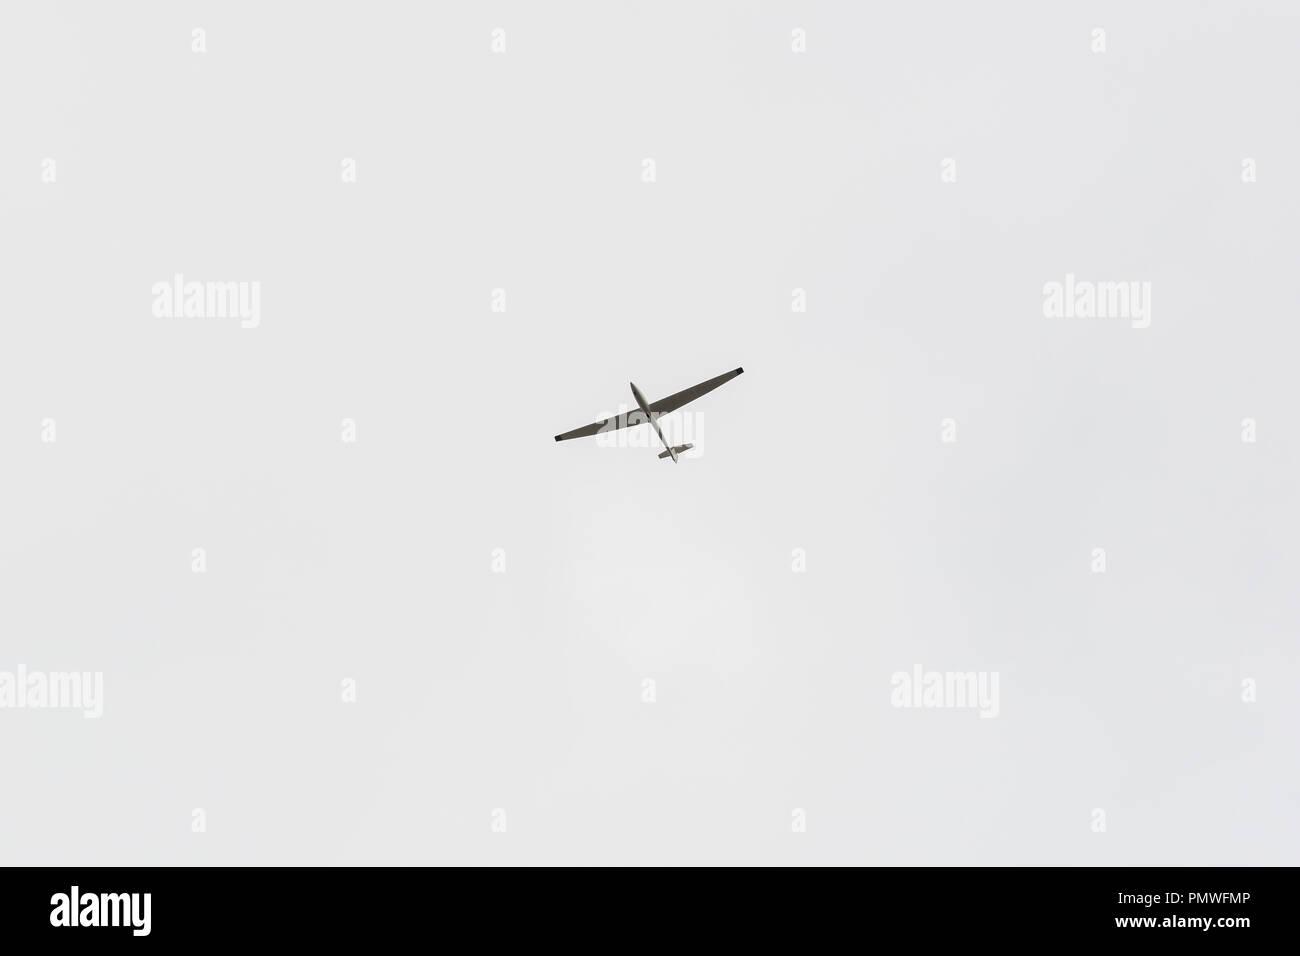 Un único planeador en el cielo sin nubes Imagen De Stock